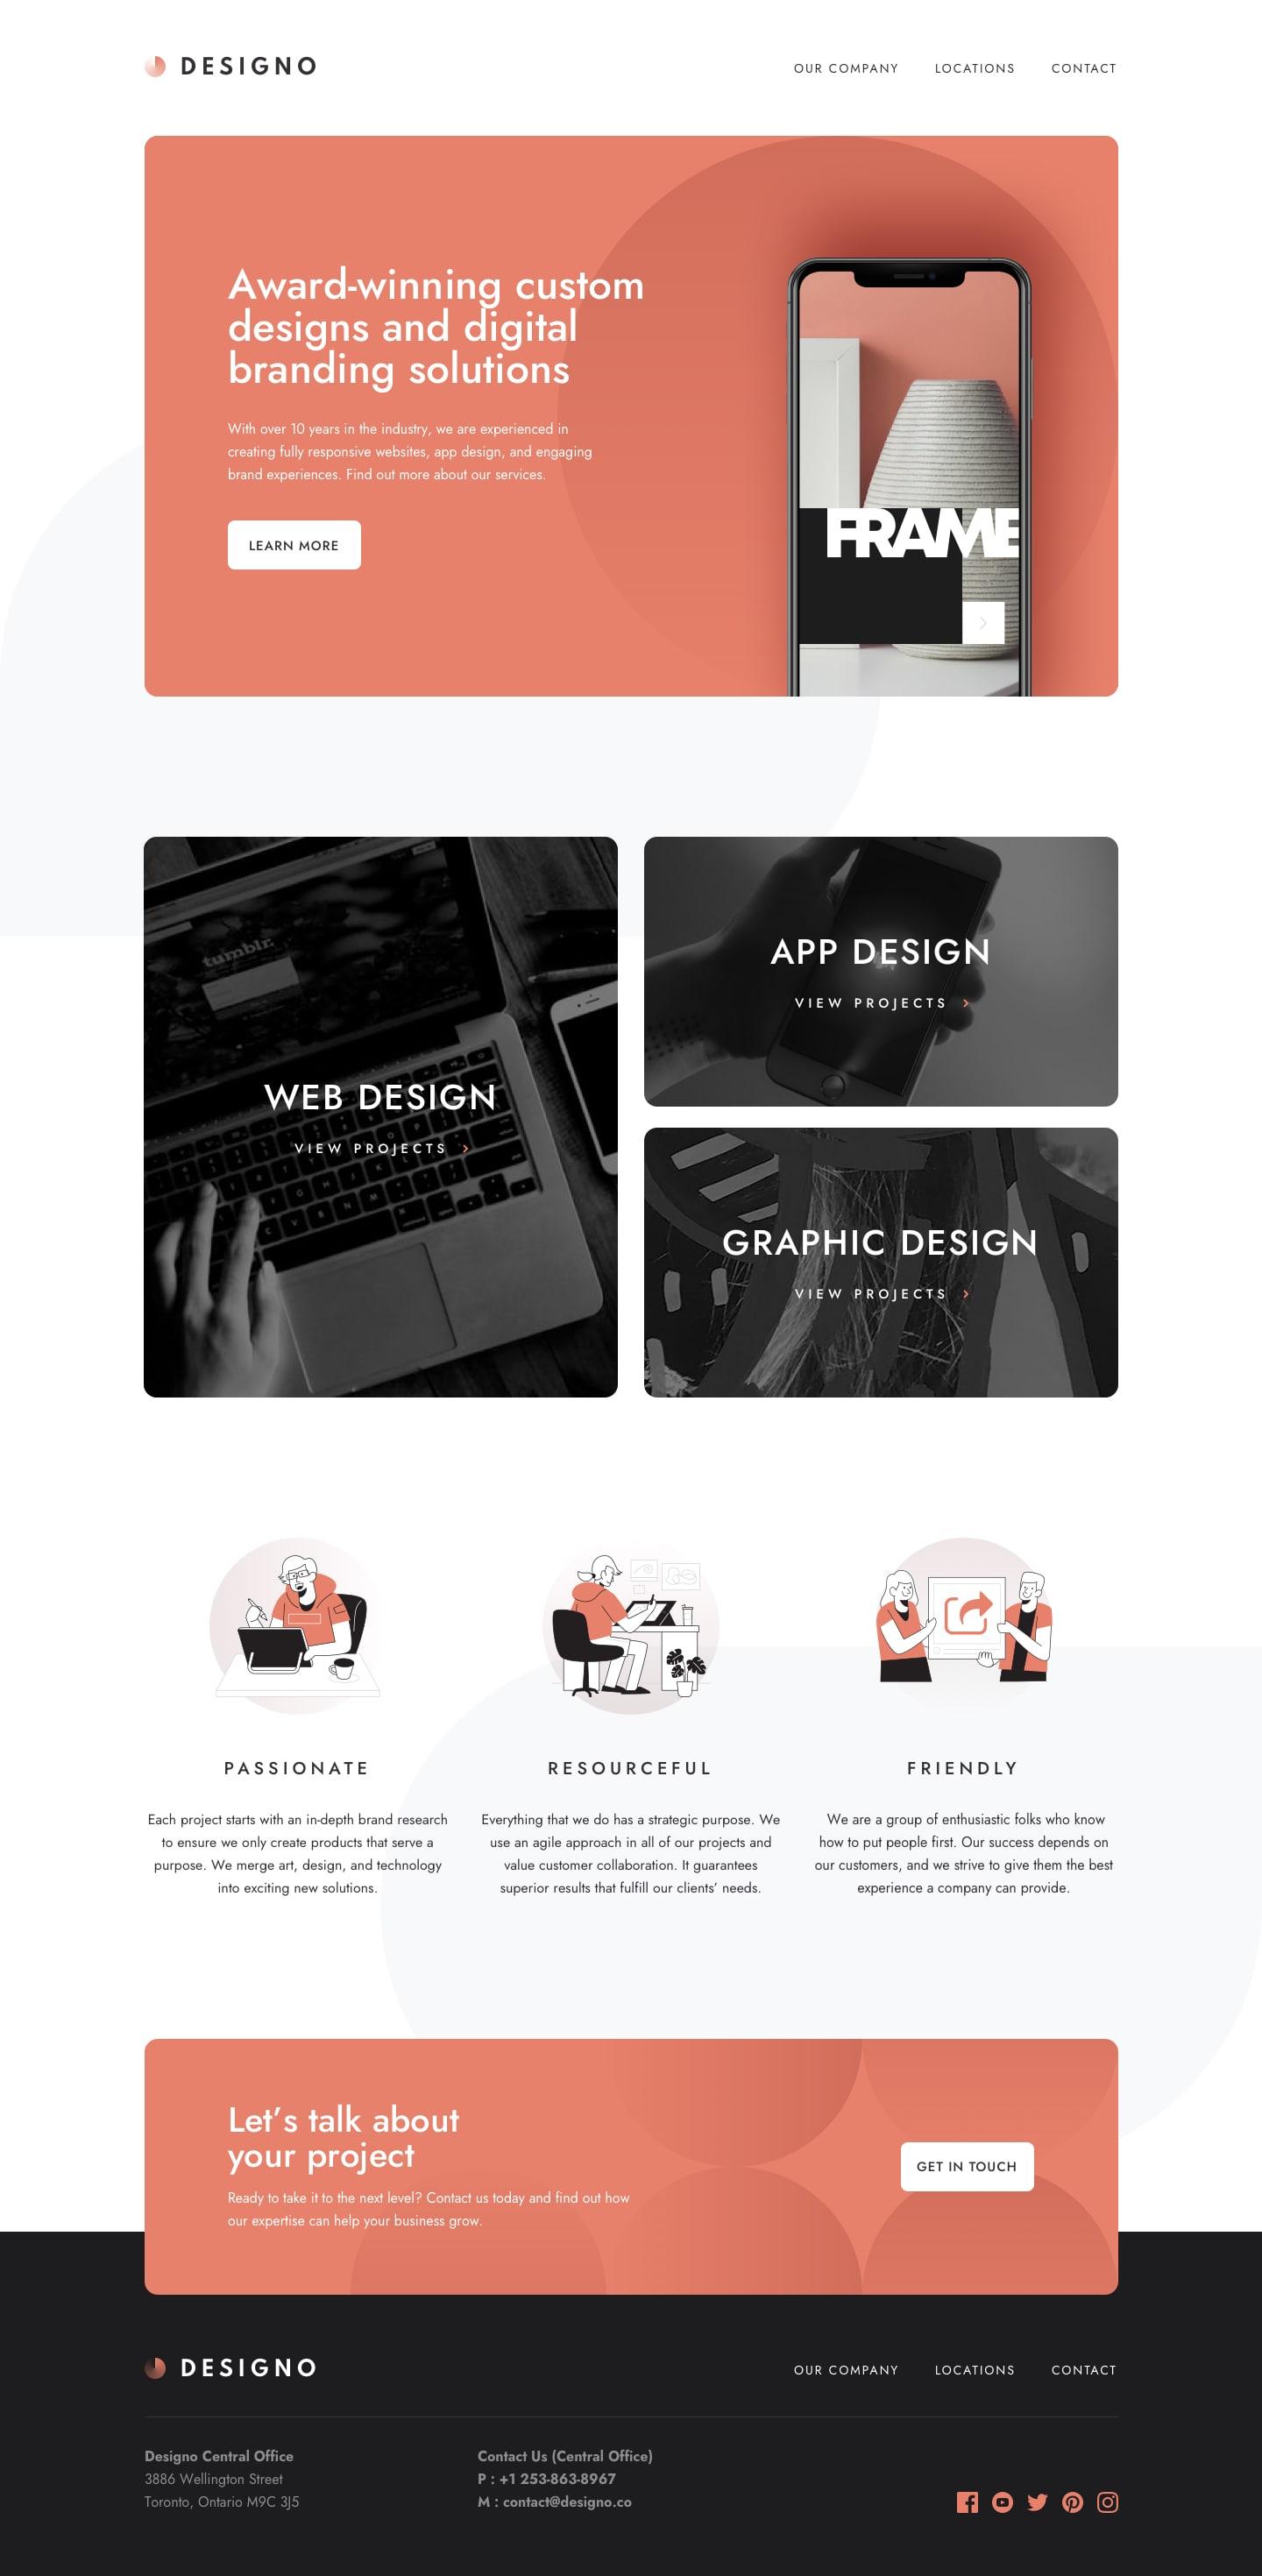 Design preview for Designo multi-page website coding challenge